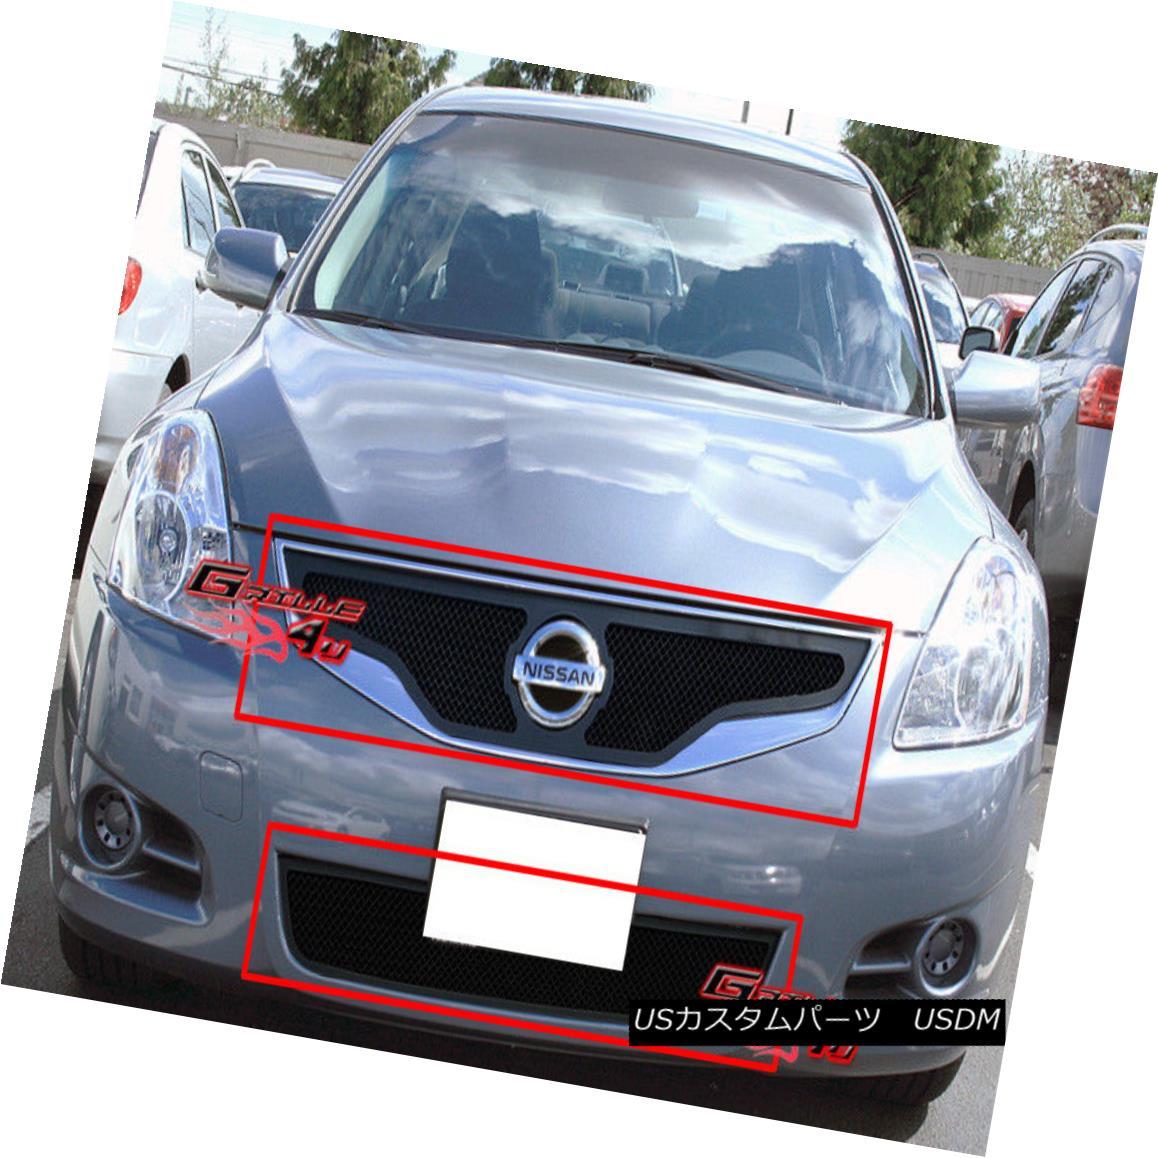 グリル Fits 2010-2012 Nissan Altima 2Dr Black Stainless Mesh Grille Grill Combo Insert フィット2010-2012日産アルティマ2Drブラックステンレスメッシュグリルグリルコンボインサート